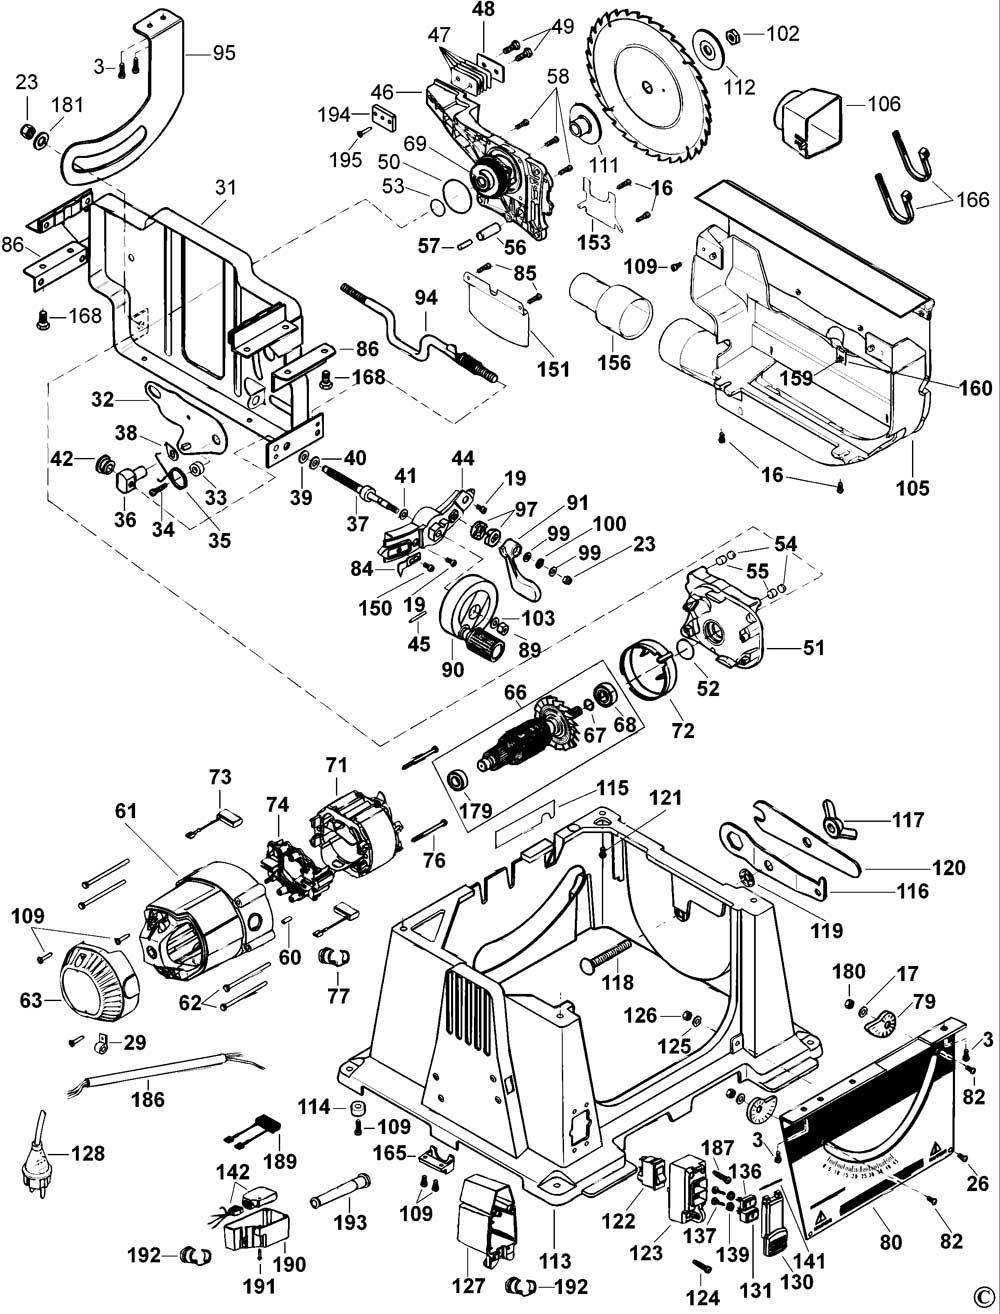 Dewalt Dw744xp Type 2 Table Saw Spare Parts Part Shop Direct